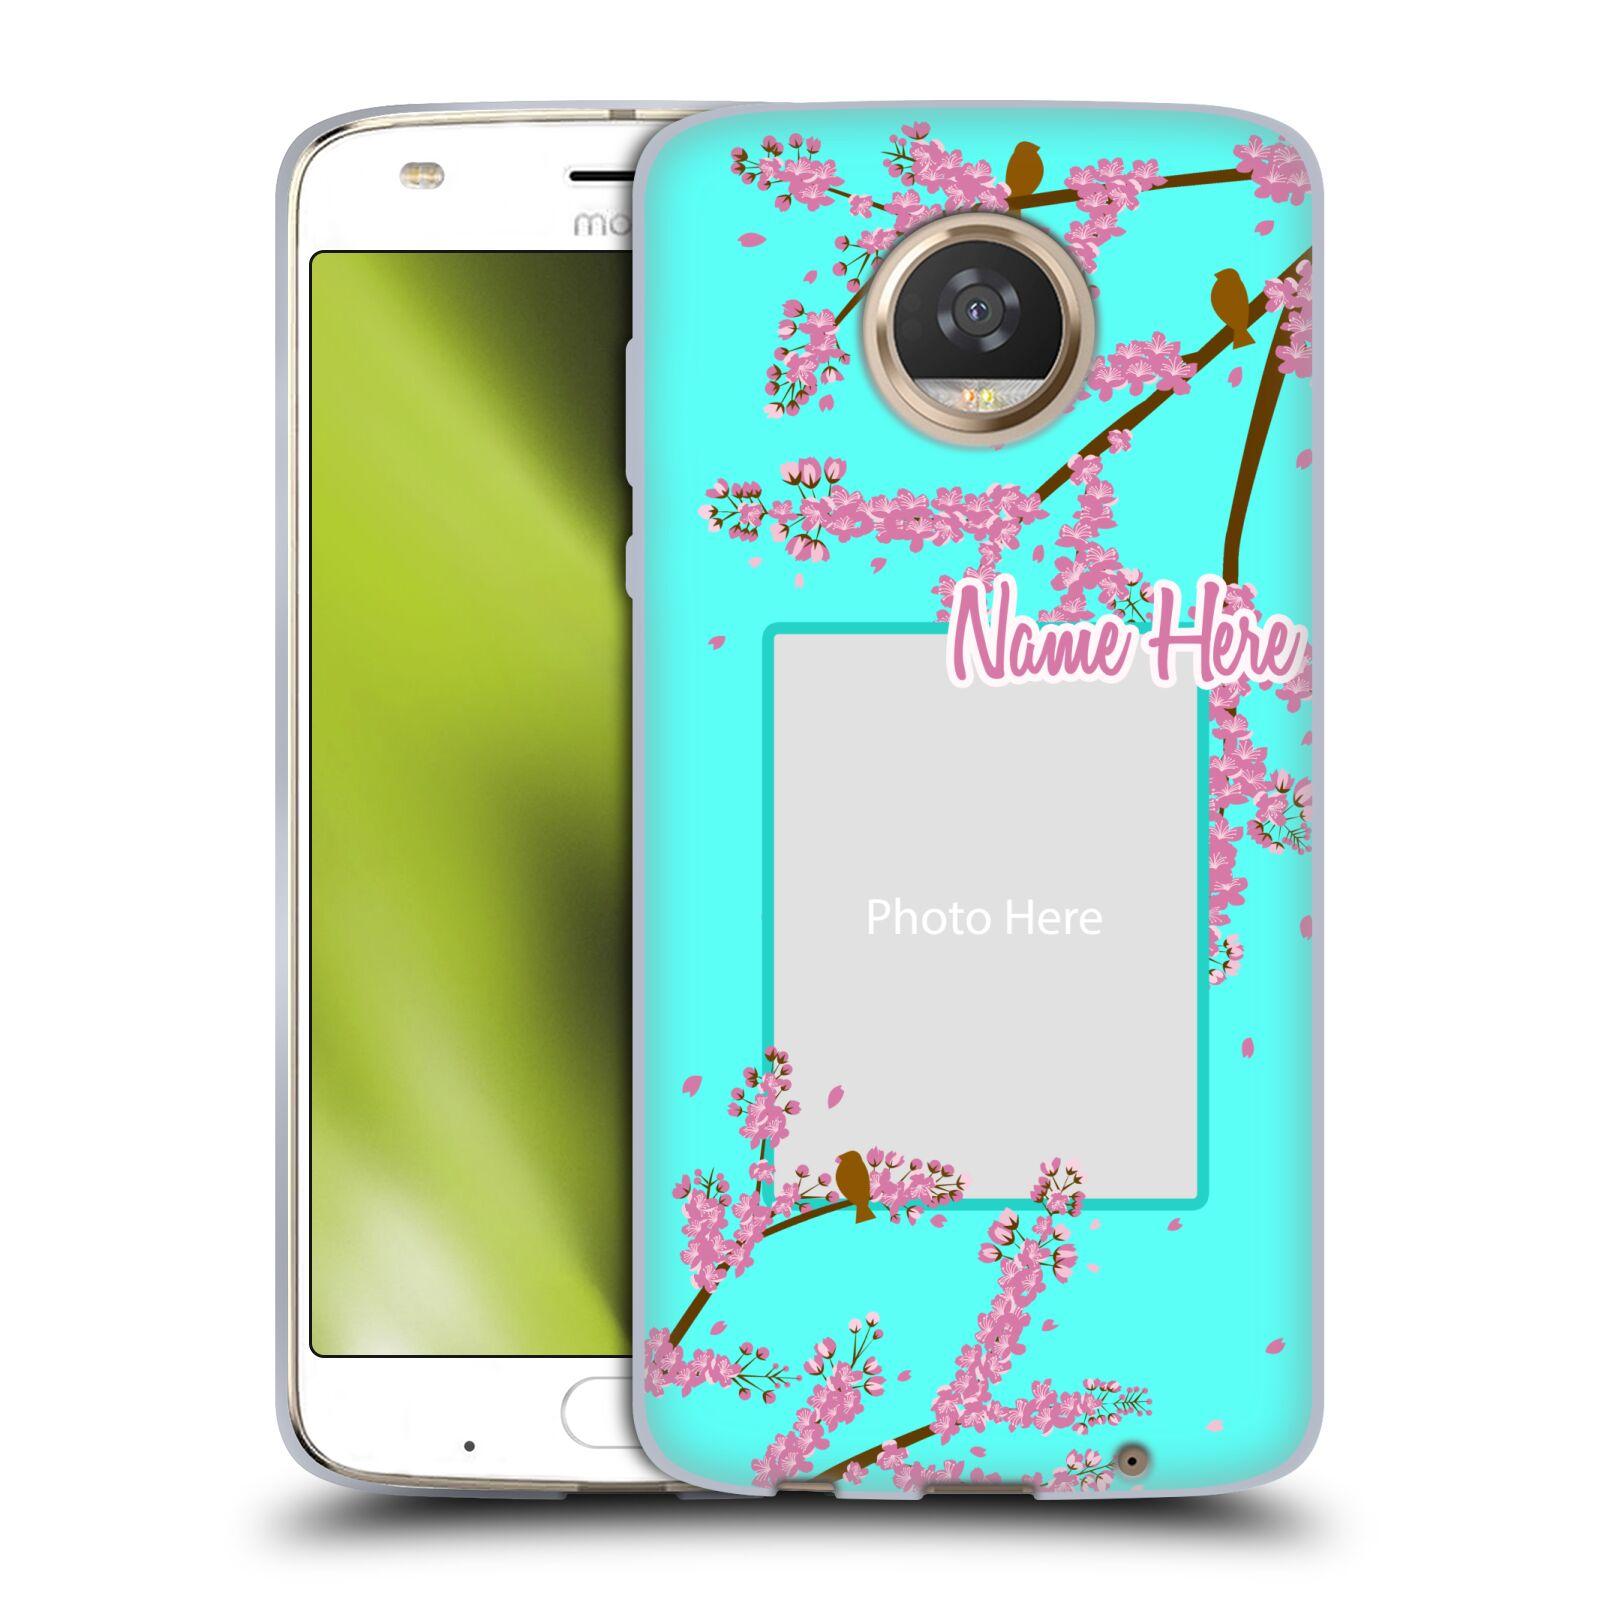 Personalizado-personalizado-personalizado-de-ensueno-Flores-caso-De-Gel-Suave-Para-Telefonos